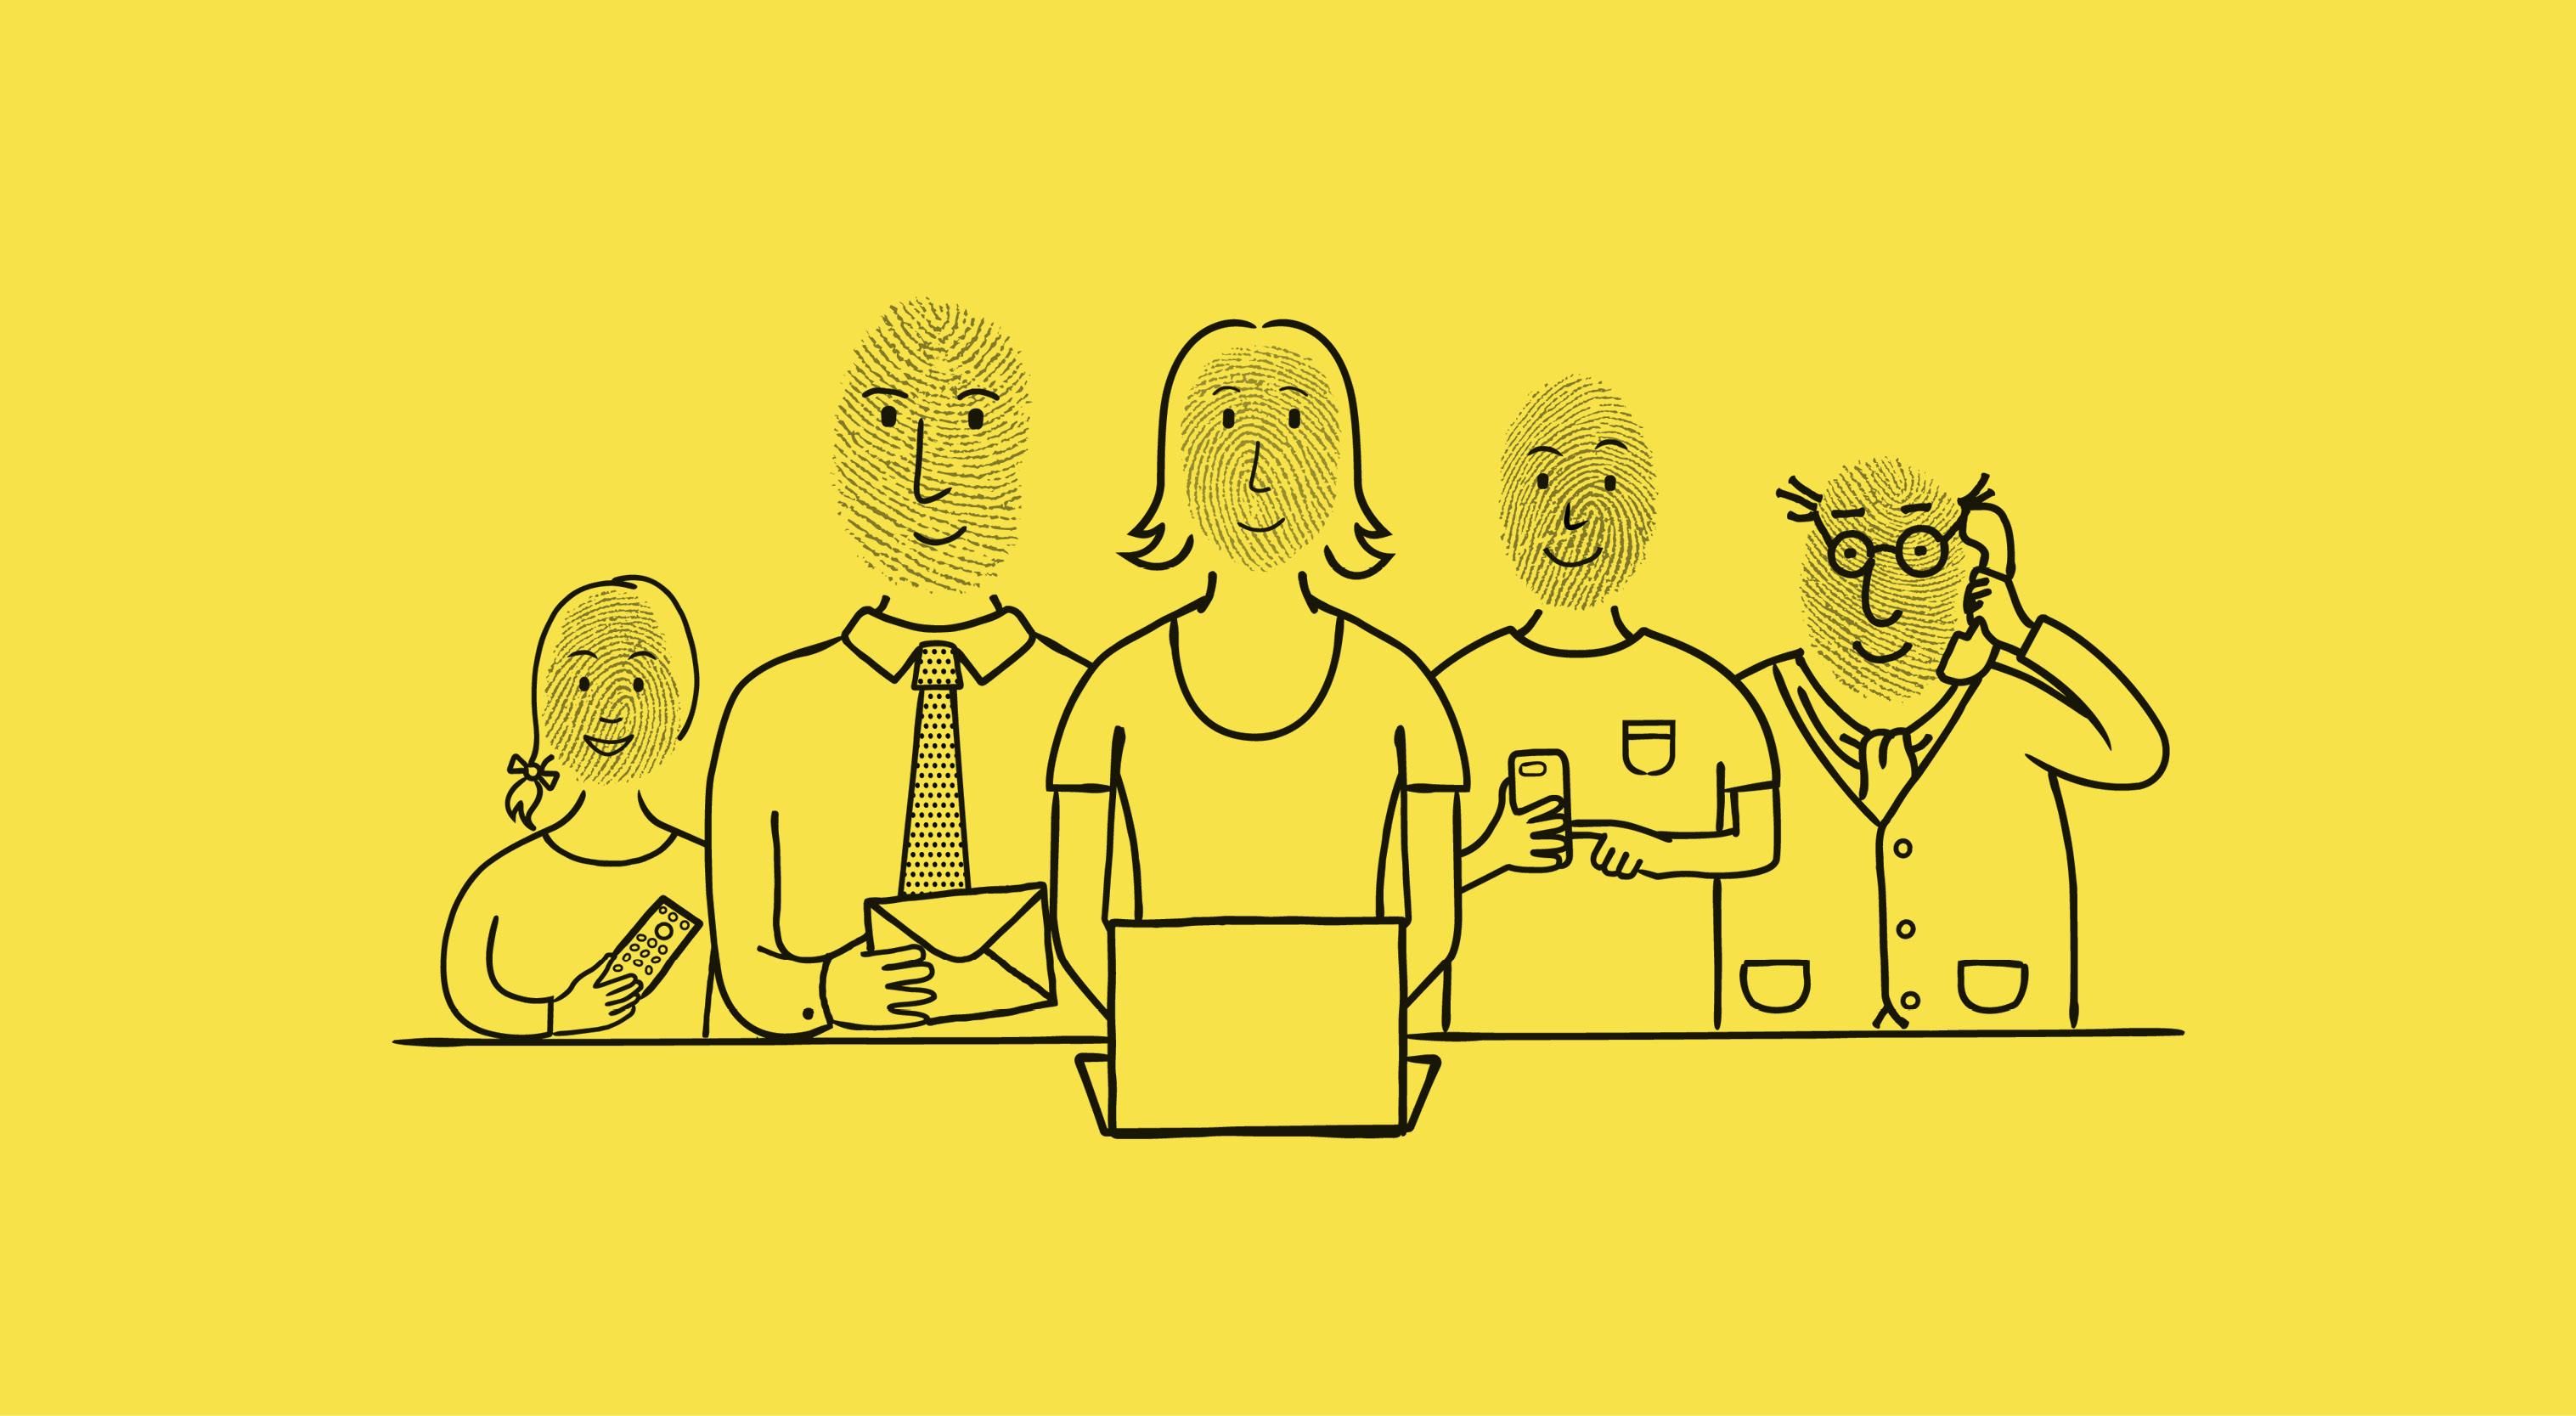 Data-head family